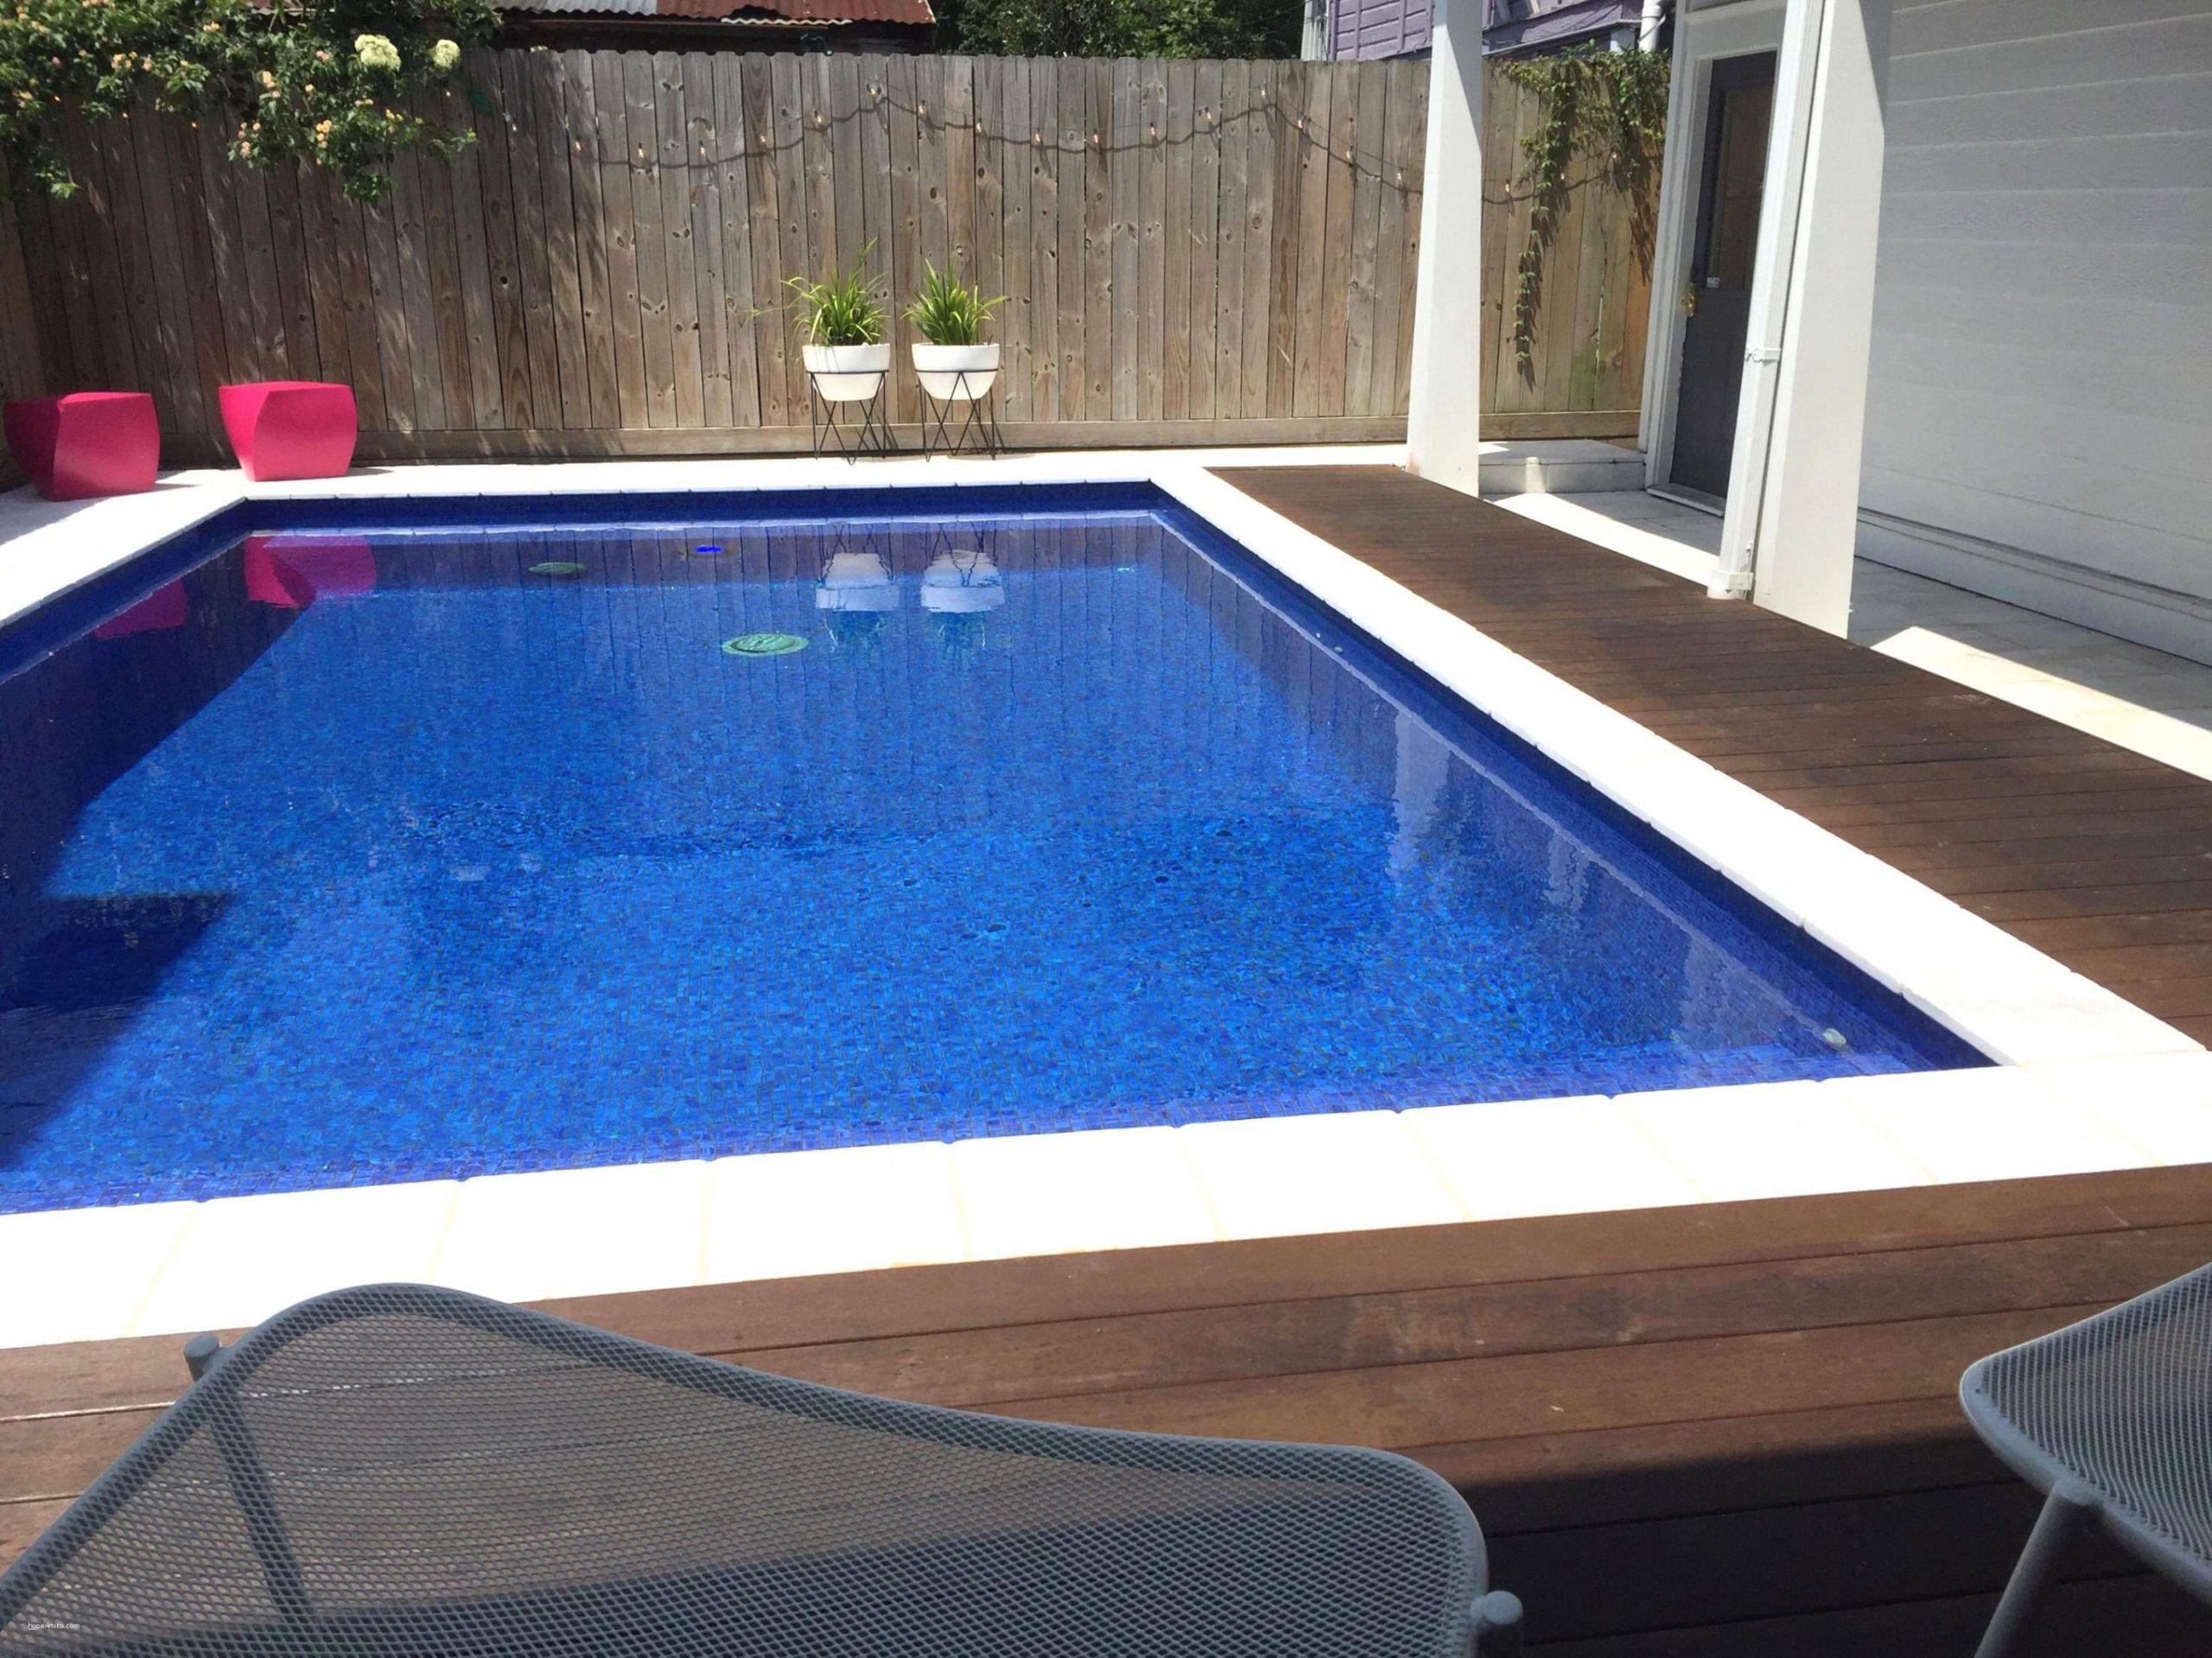 40 neu garten pool ideen swimming pool in frankfurt swimming pool in frankfurt